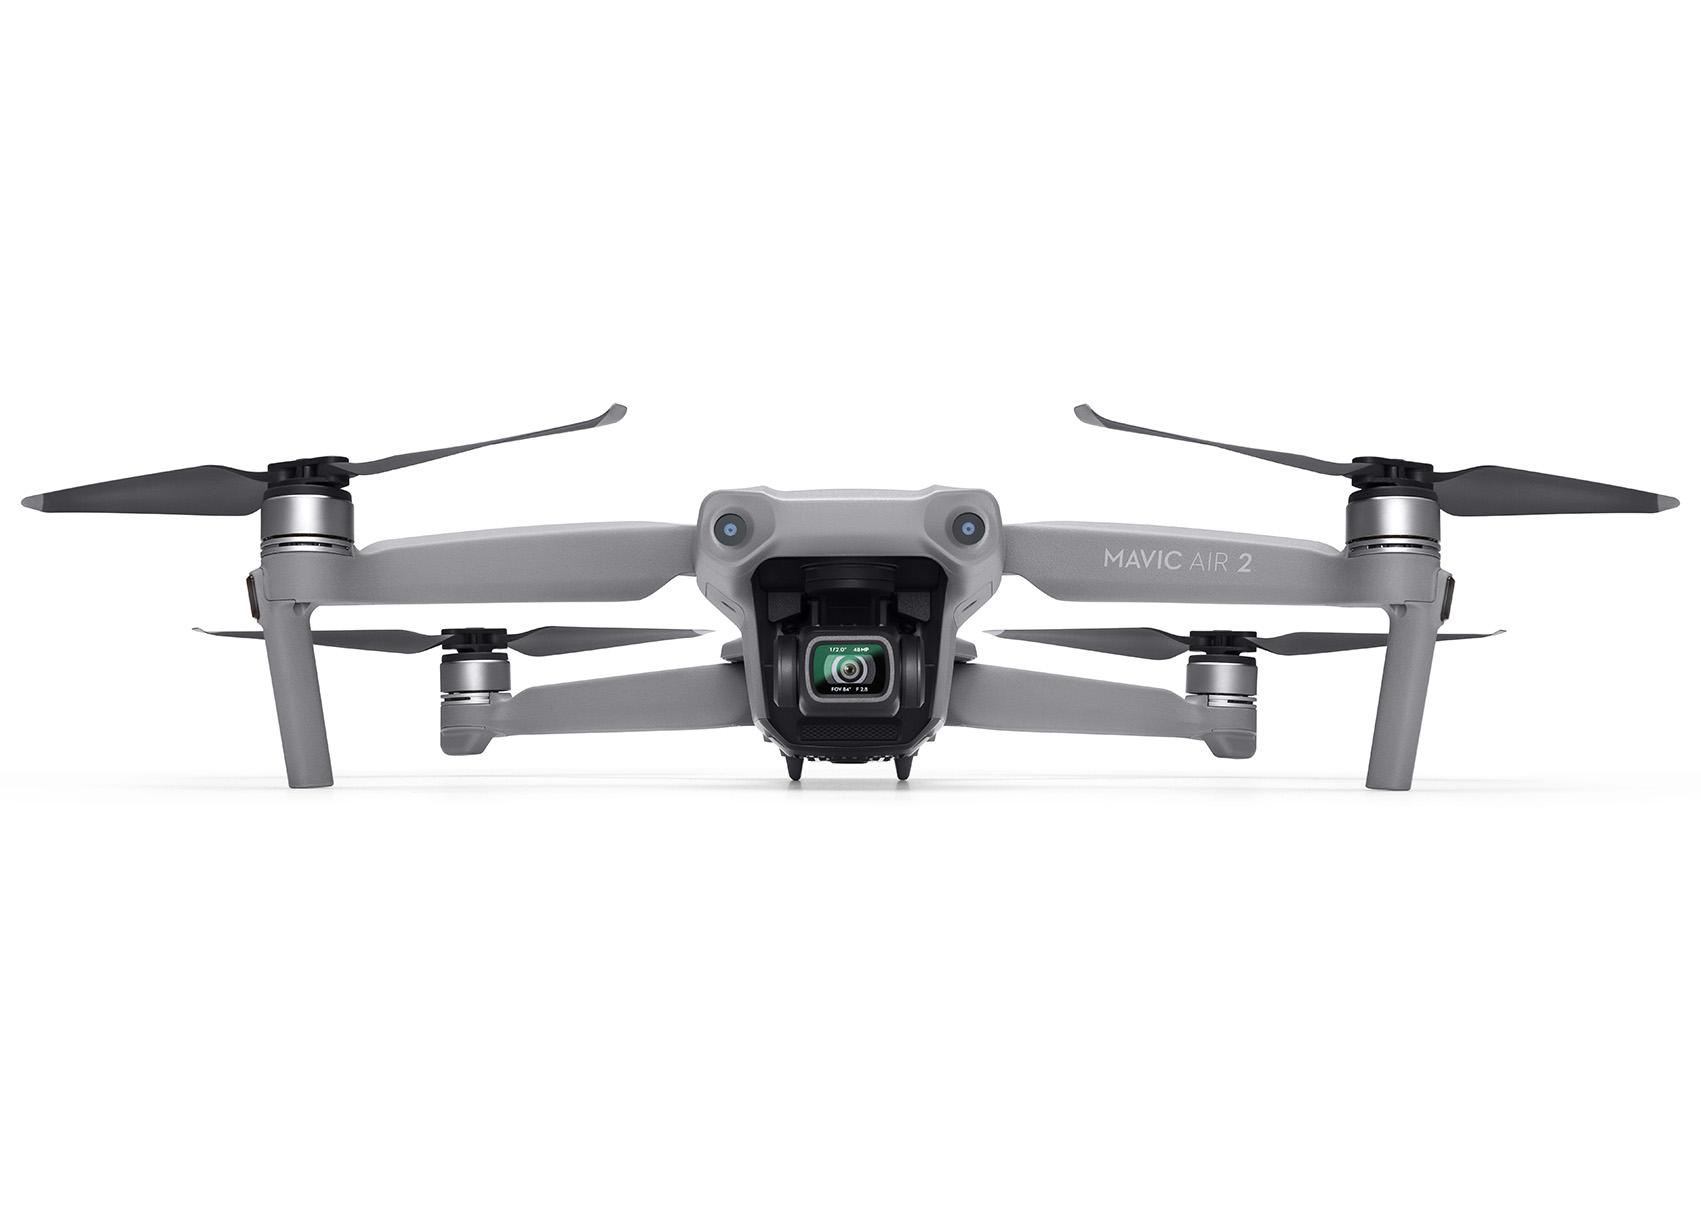 Beim Drohnenflug gilt es einiges zu beachten: Dünne Luft und Höhenunterschiede, Rücksicht nehmen auf Menschen und Tiere, immer mit Sichtverbindung fliegen.